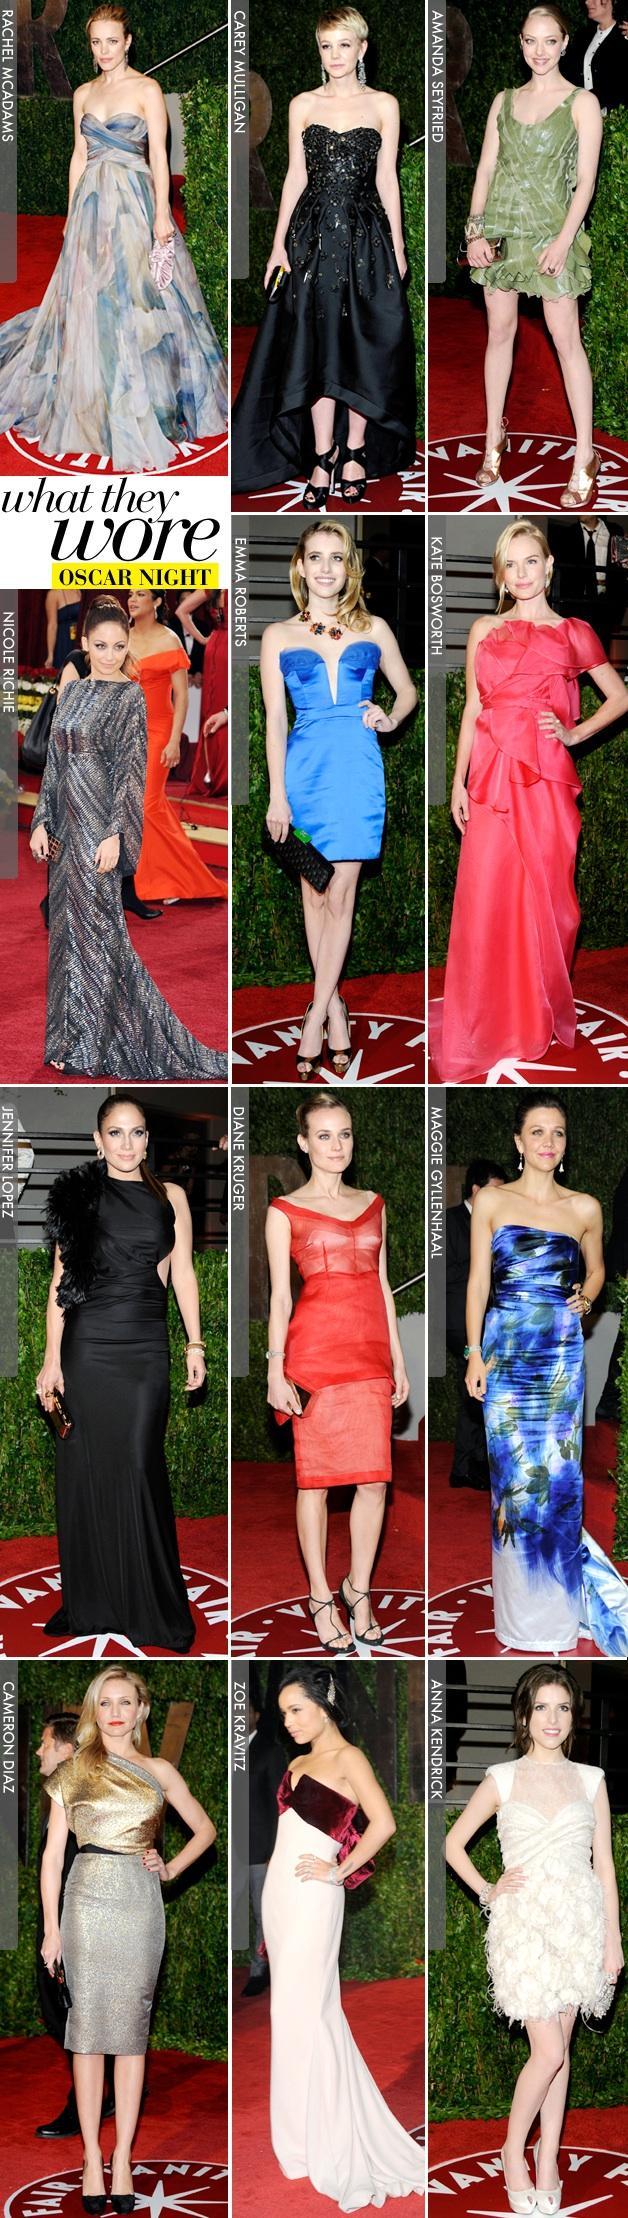 Oscar Night 2010